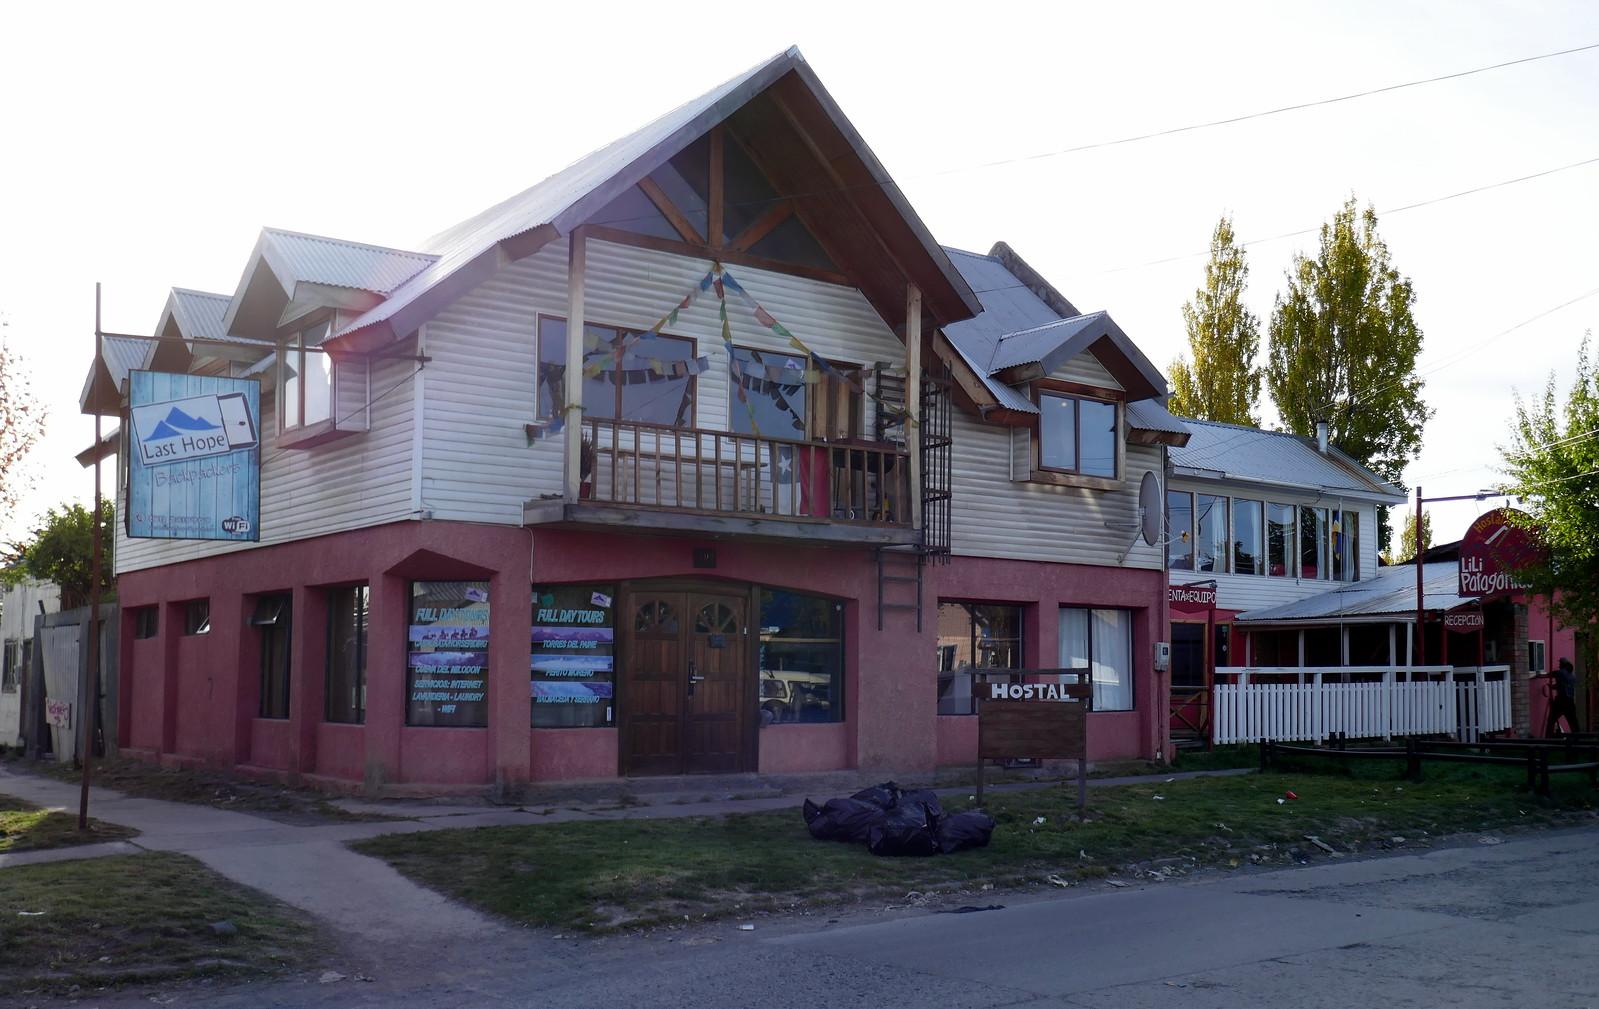 Last Hope Hostel